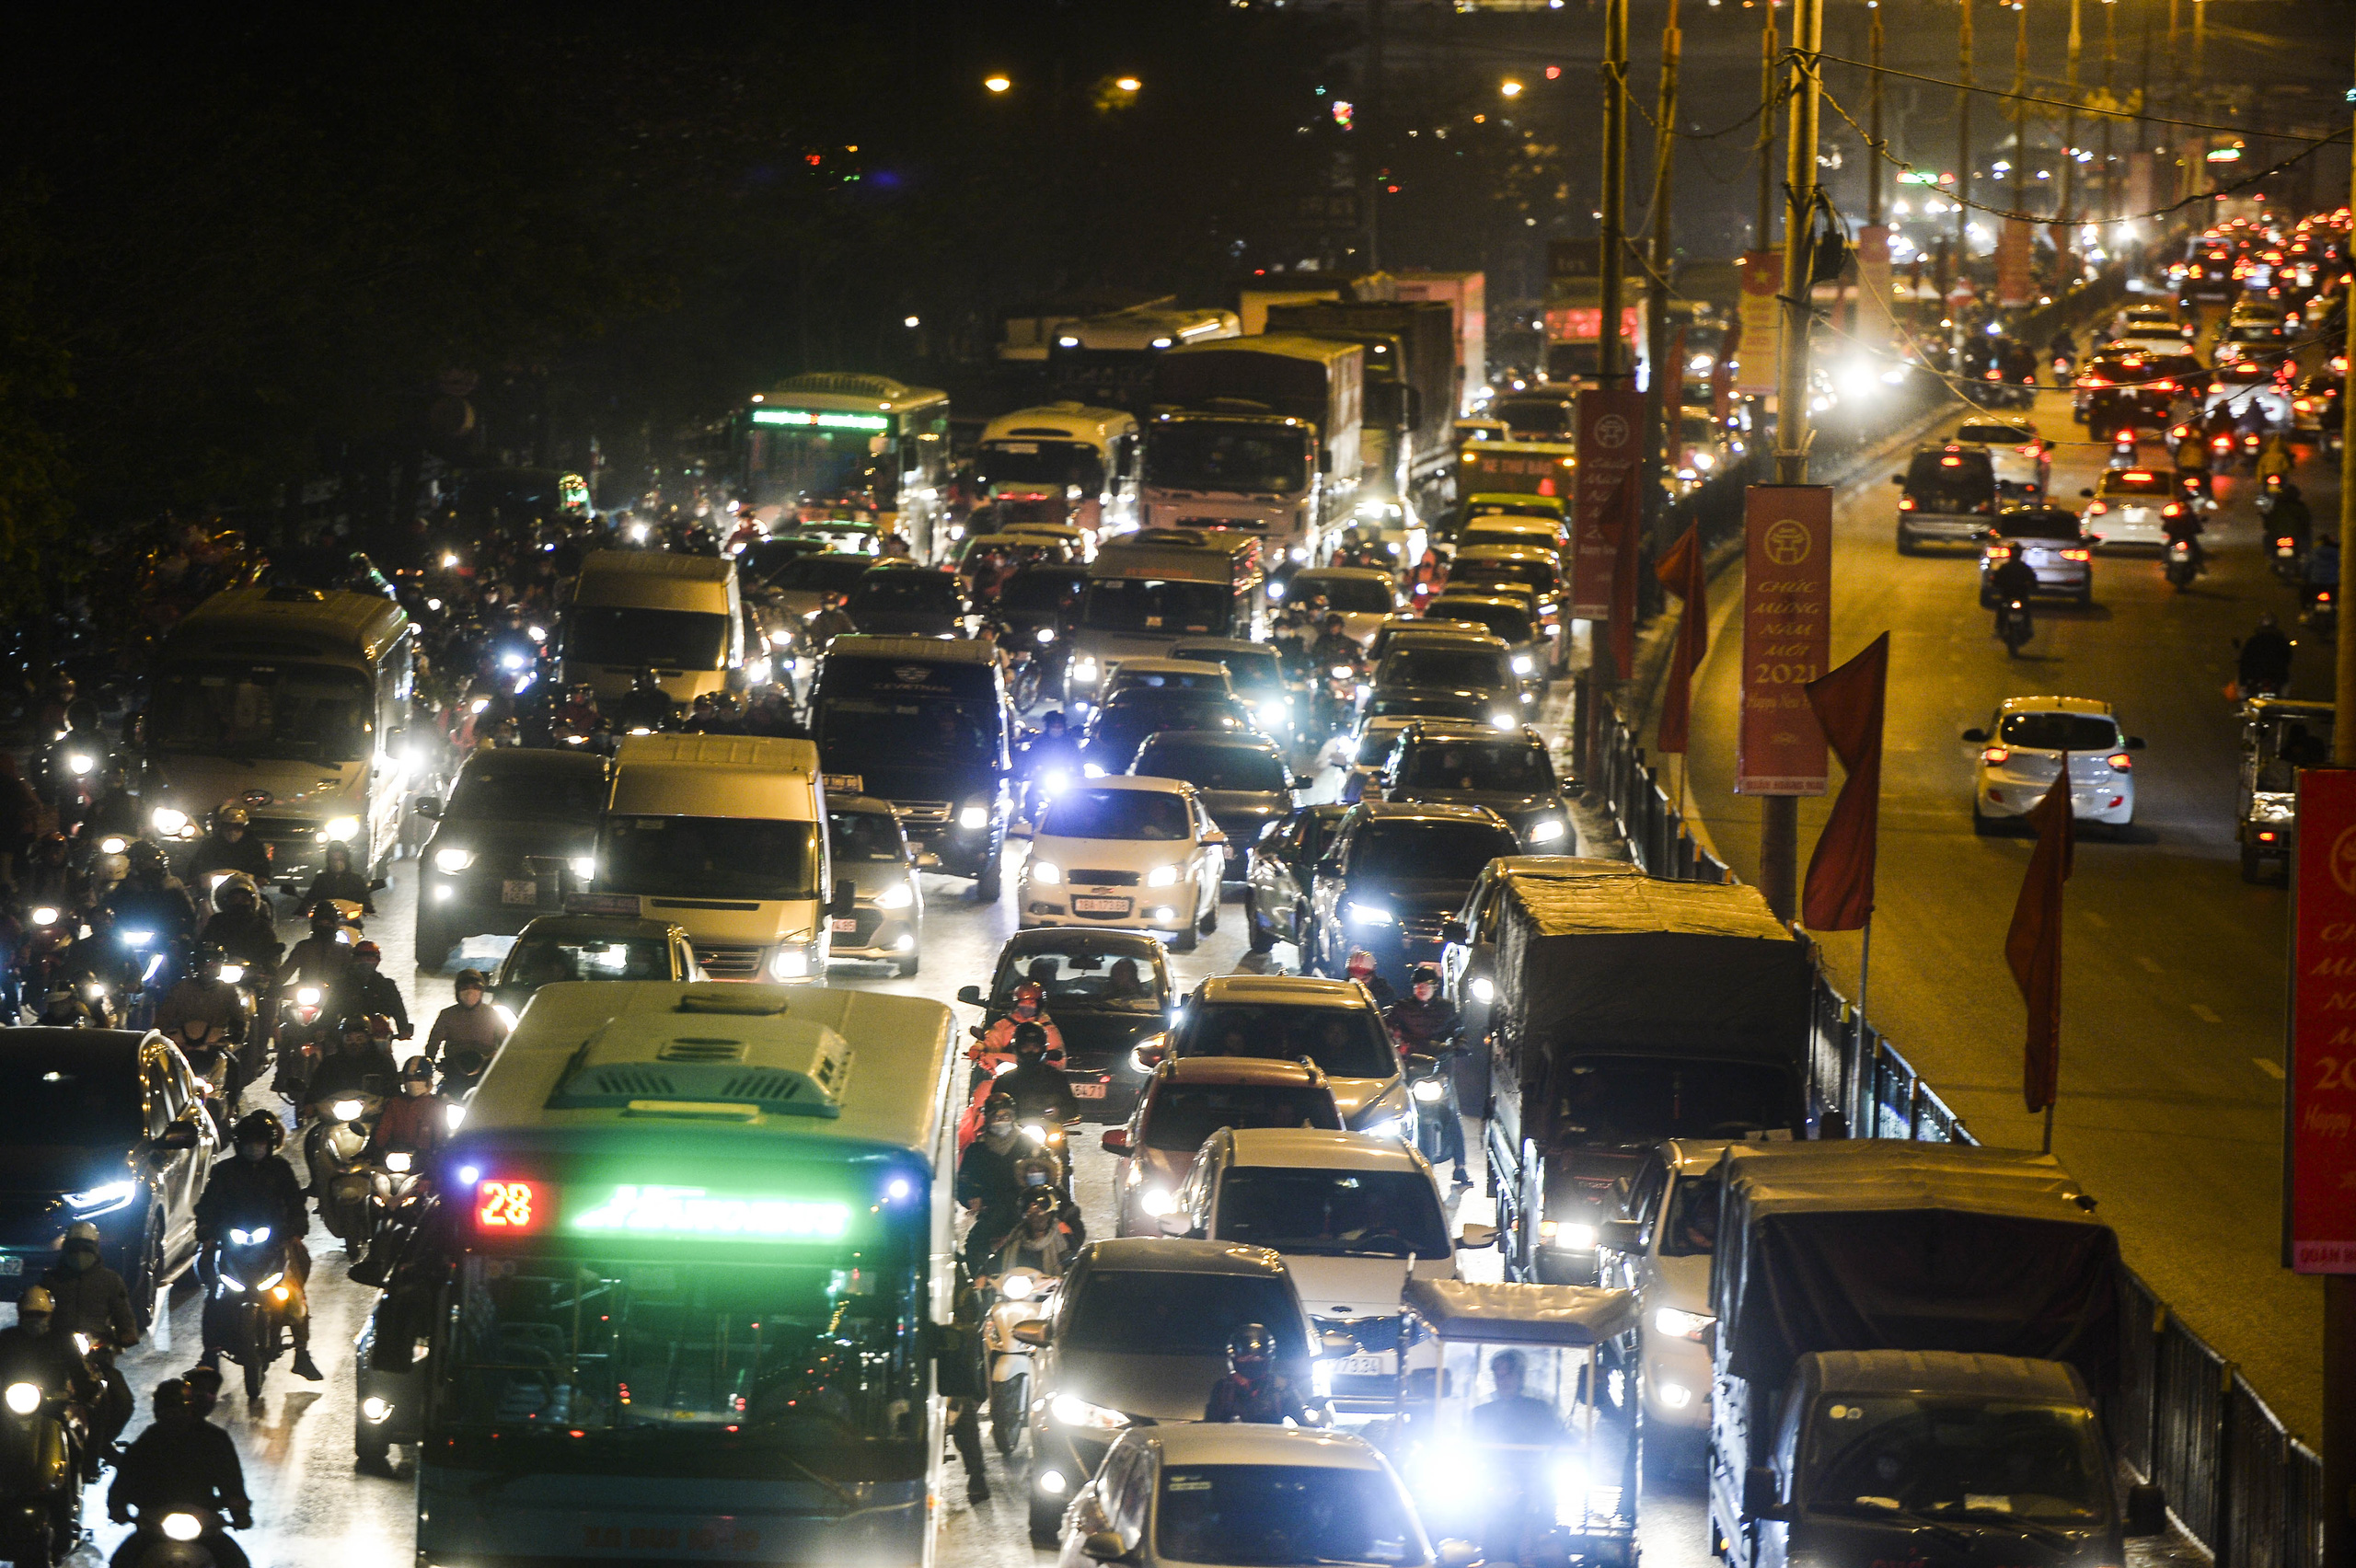 Chùm ảnh đường phố Hà Nội đông kín người từ chiều đến tối ngày cuối năm 2020 - Ảnh 10.